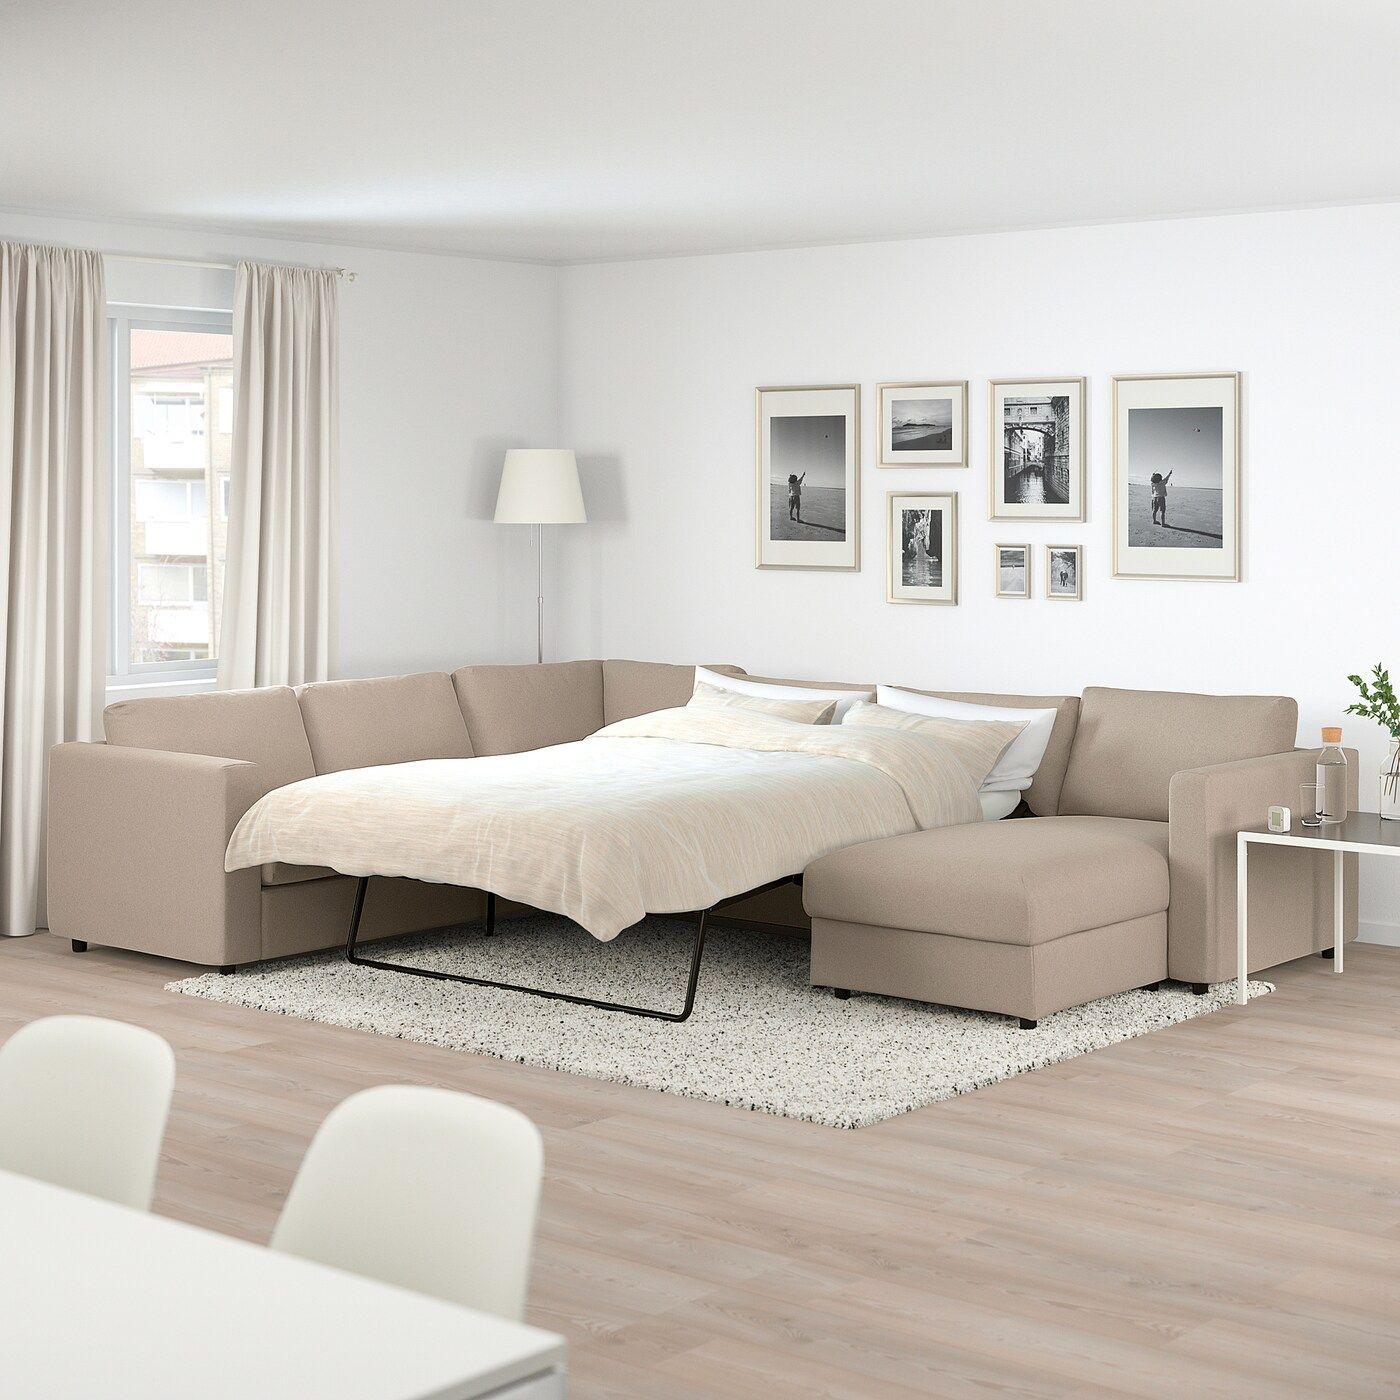 Pin Von Bee Sch Auf Home Bequemes Sofa Sofa Recamiere